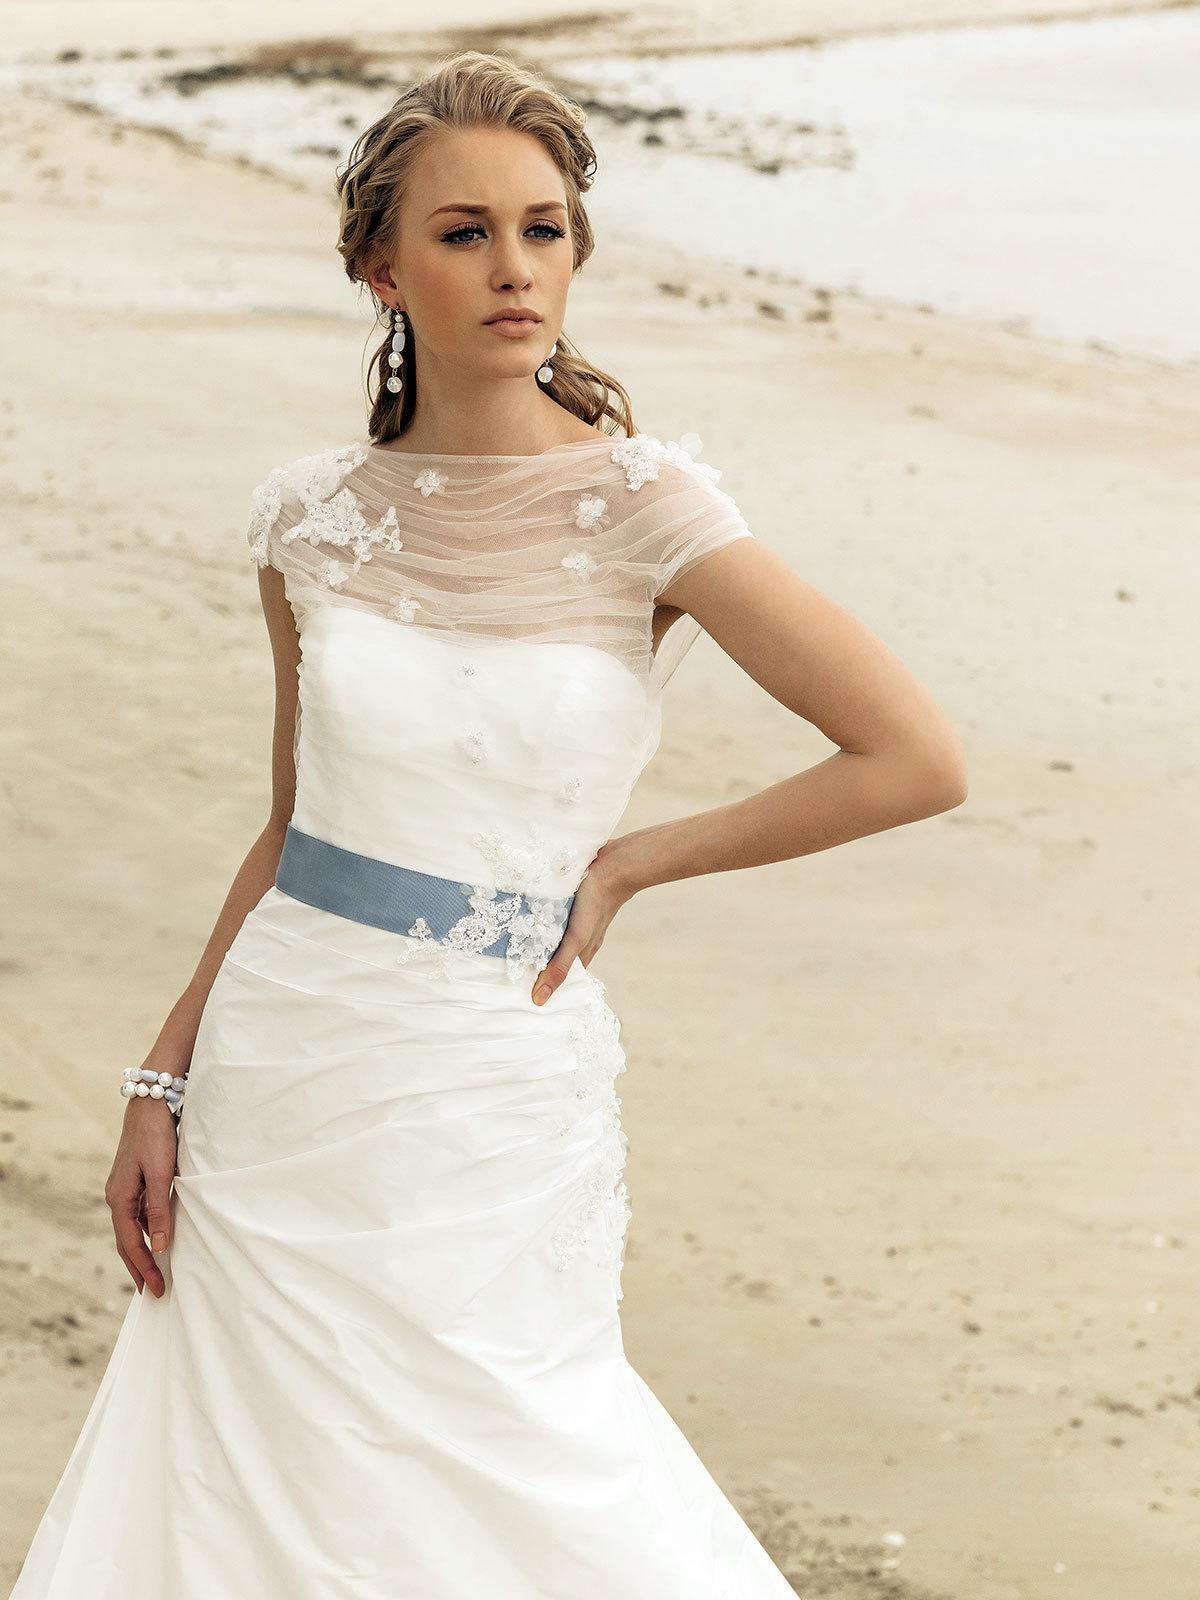 Brautkleid Emilia von Rembo Styling auf Ja.de